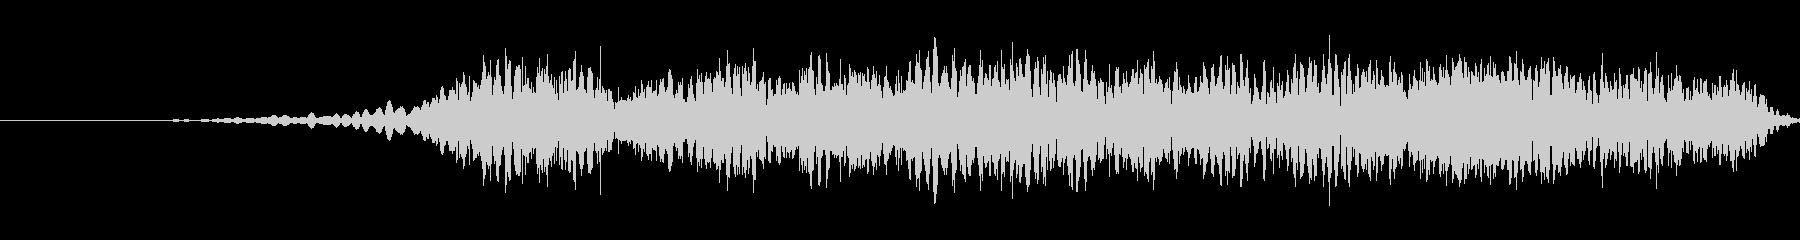 ゴーストリー・グロウル2の未再生の波形